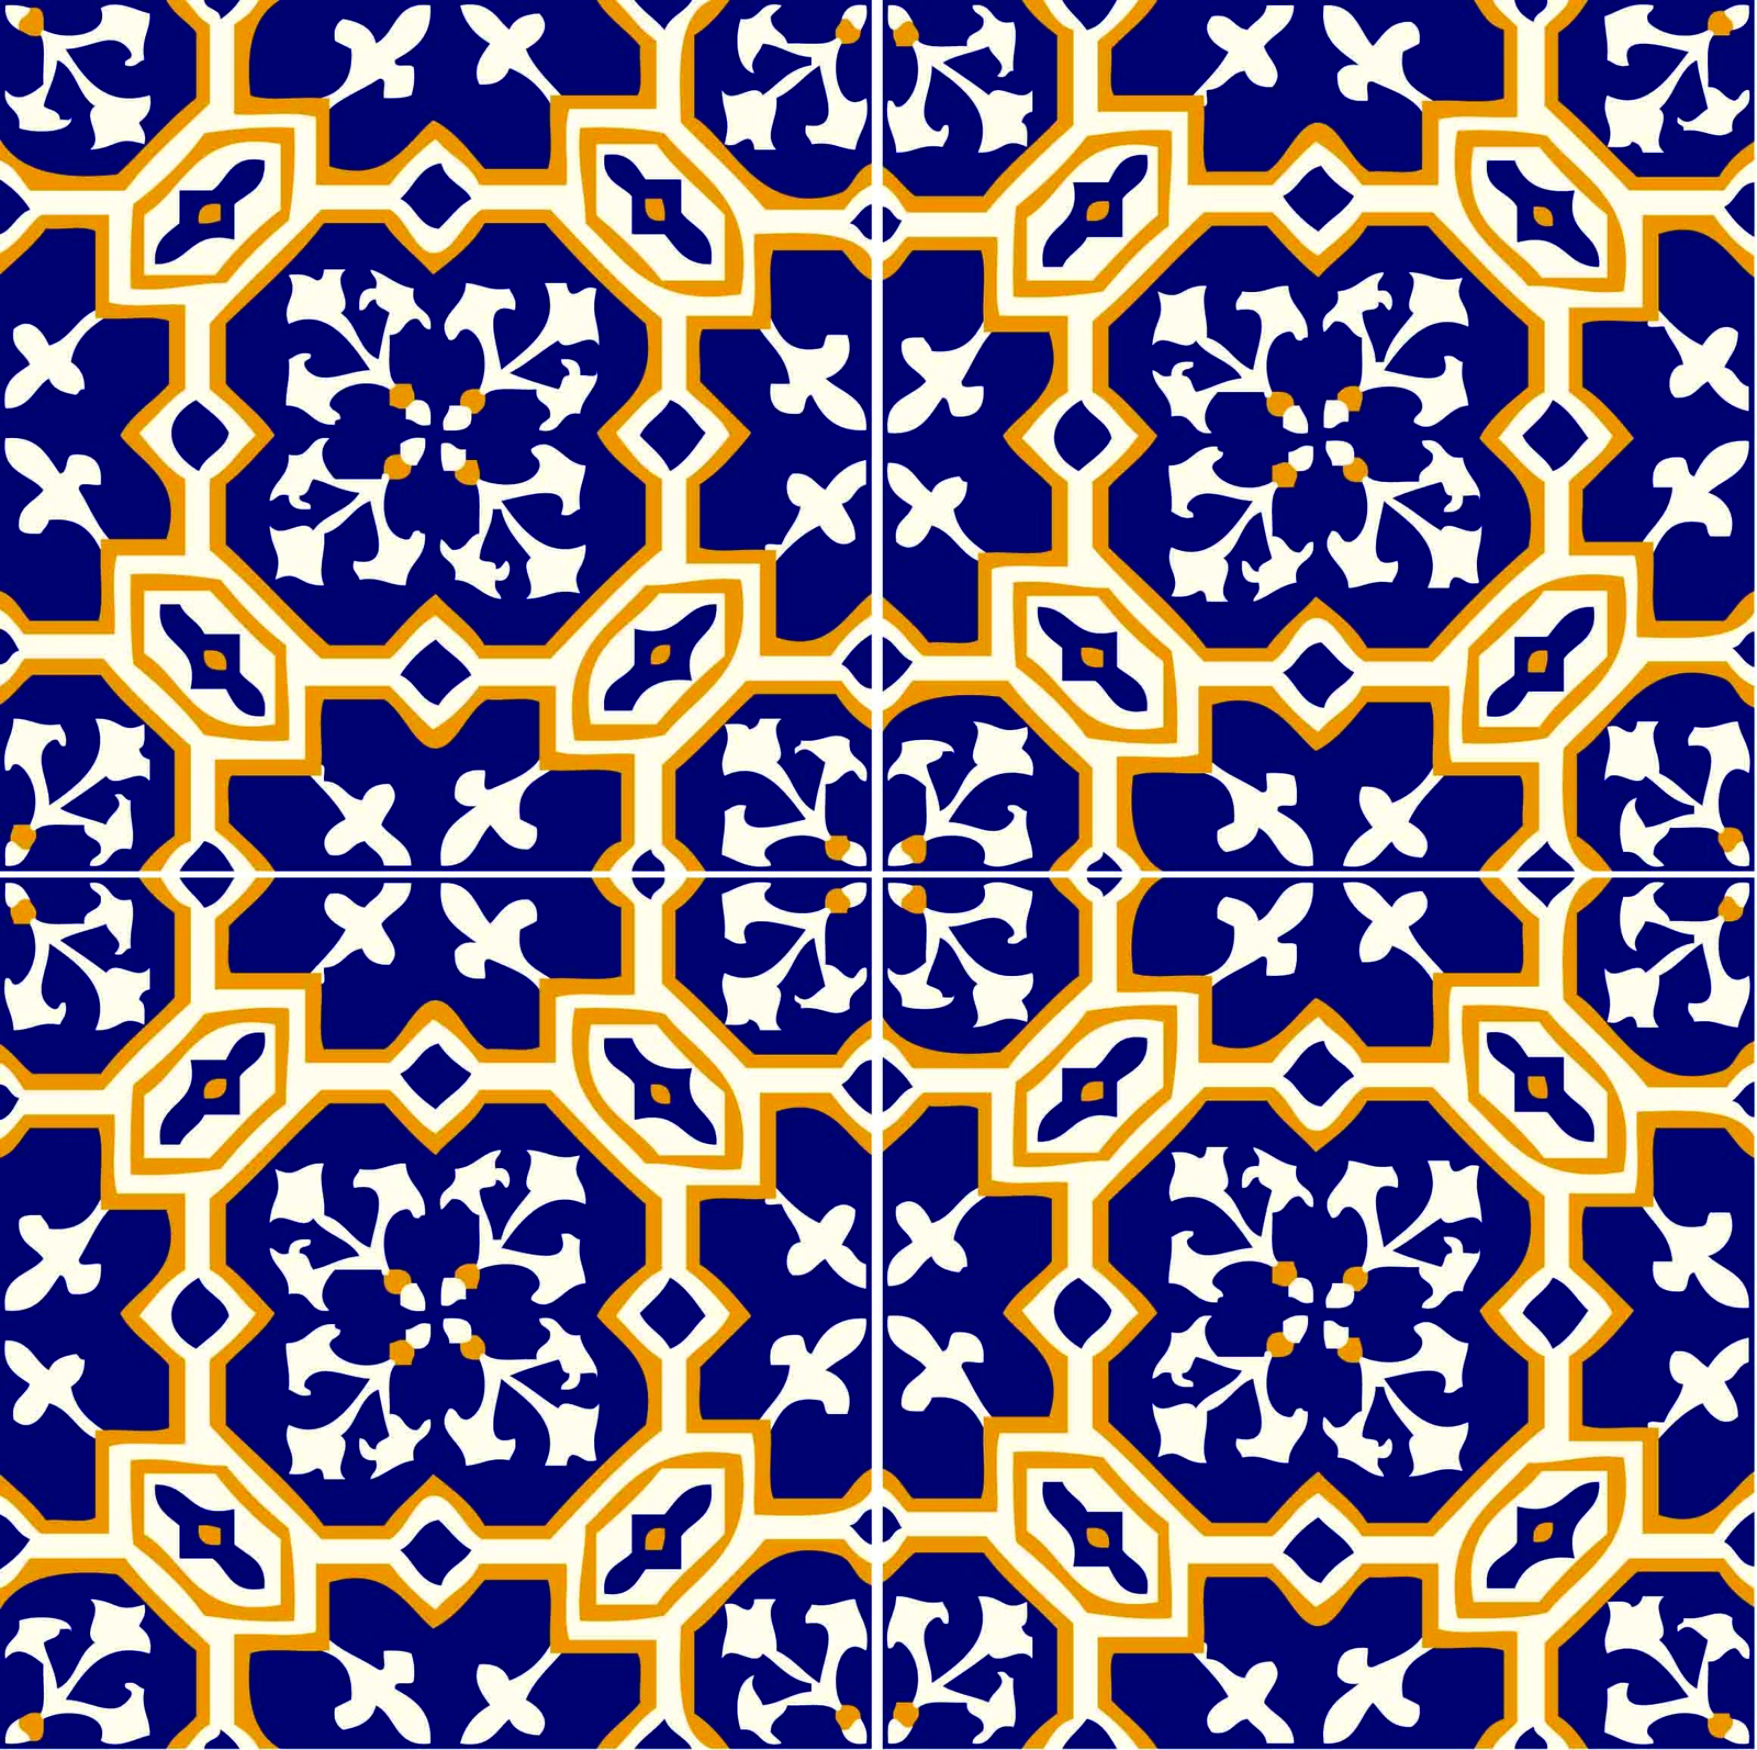 Adesivo decorativo azulejo p10 adesi color elo7 for Azulejos decorativos